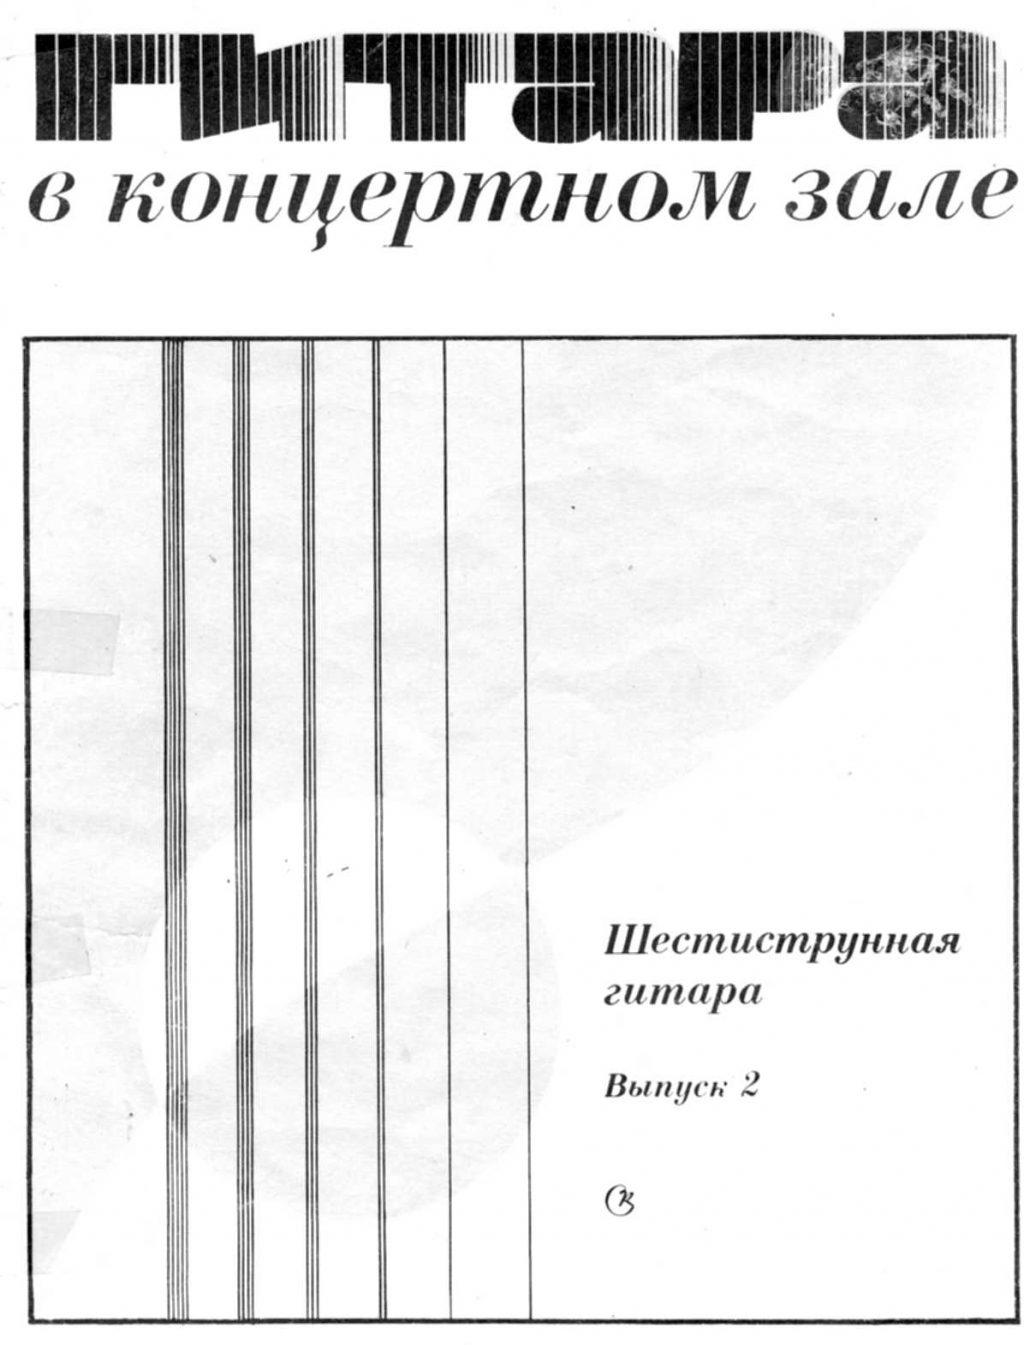 Гитара в концертном зале. Выпуск 2. Максименко В.